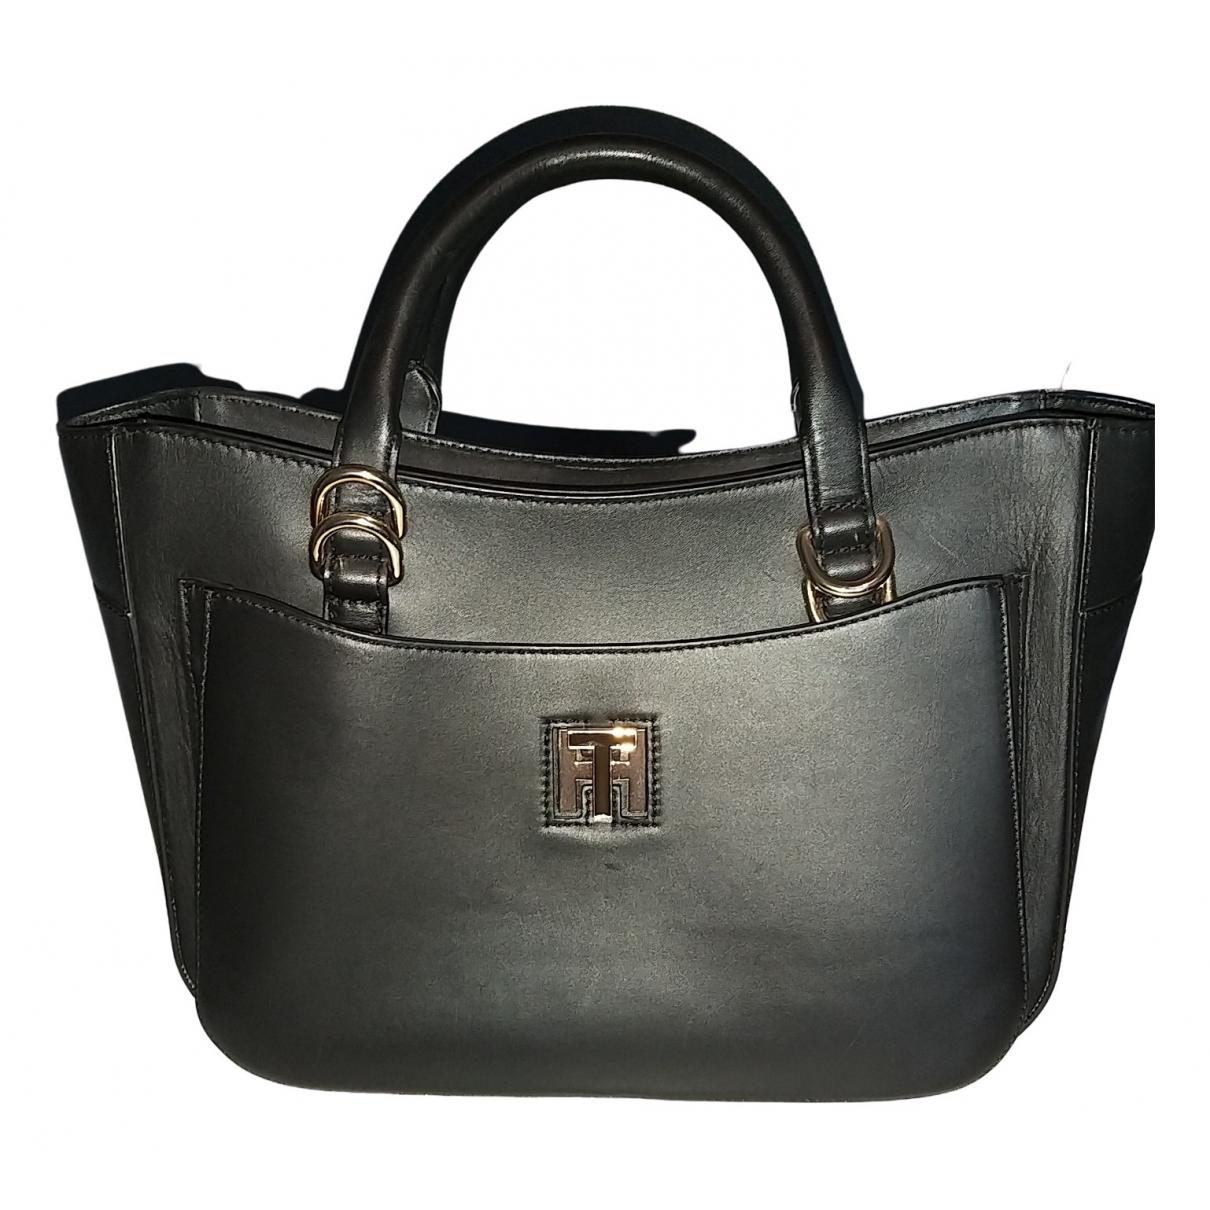 Tommy Hilfiger N Black Leather handbag for Women N